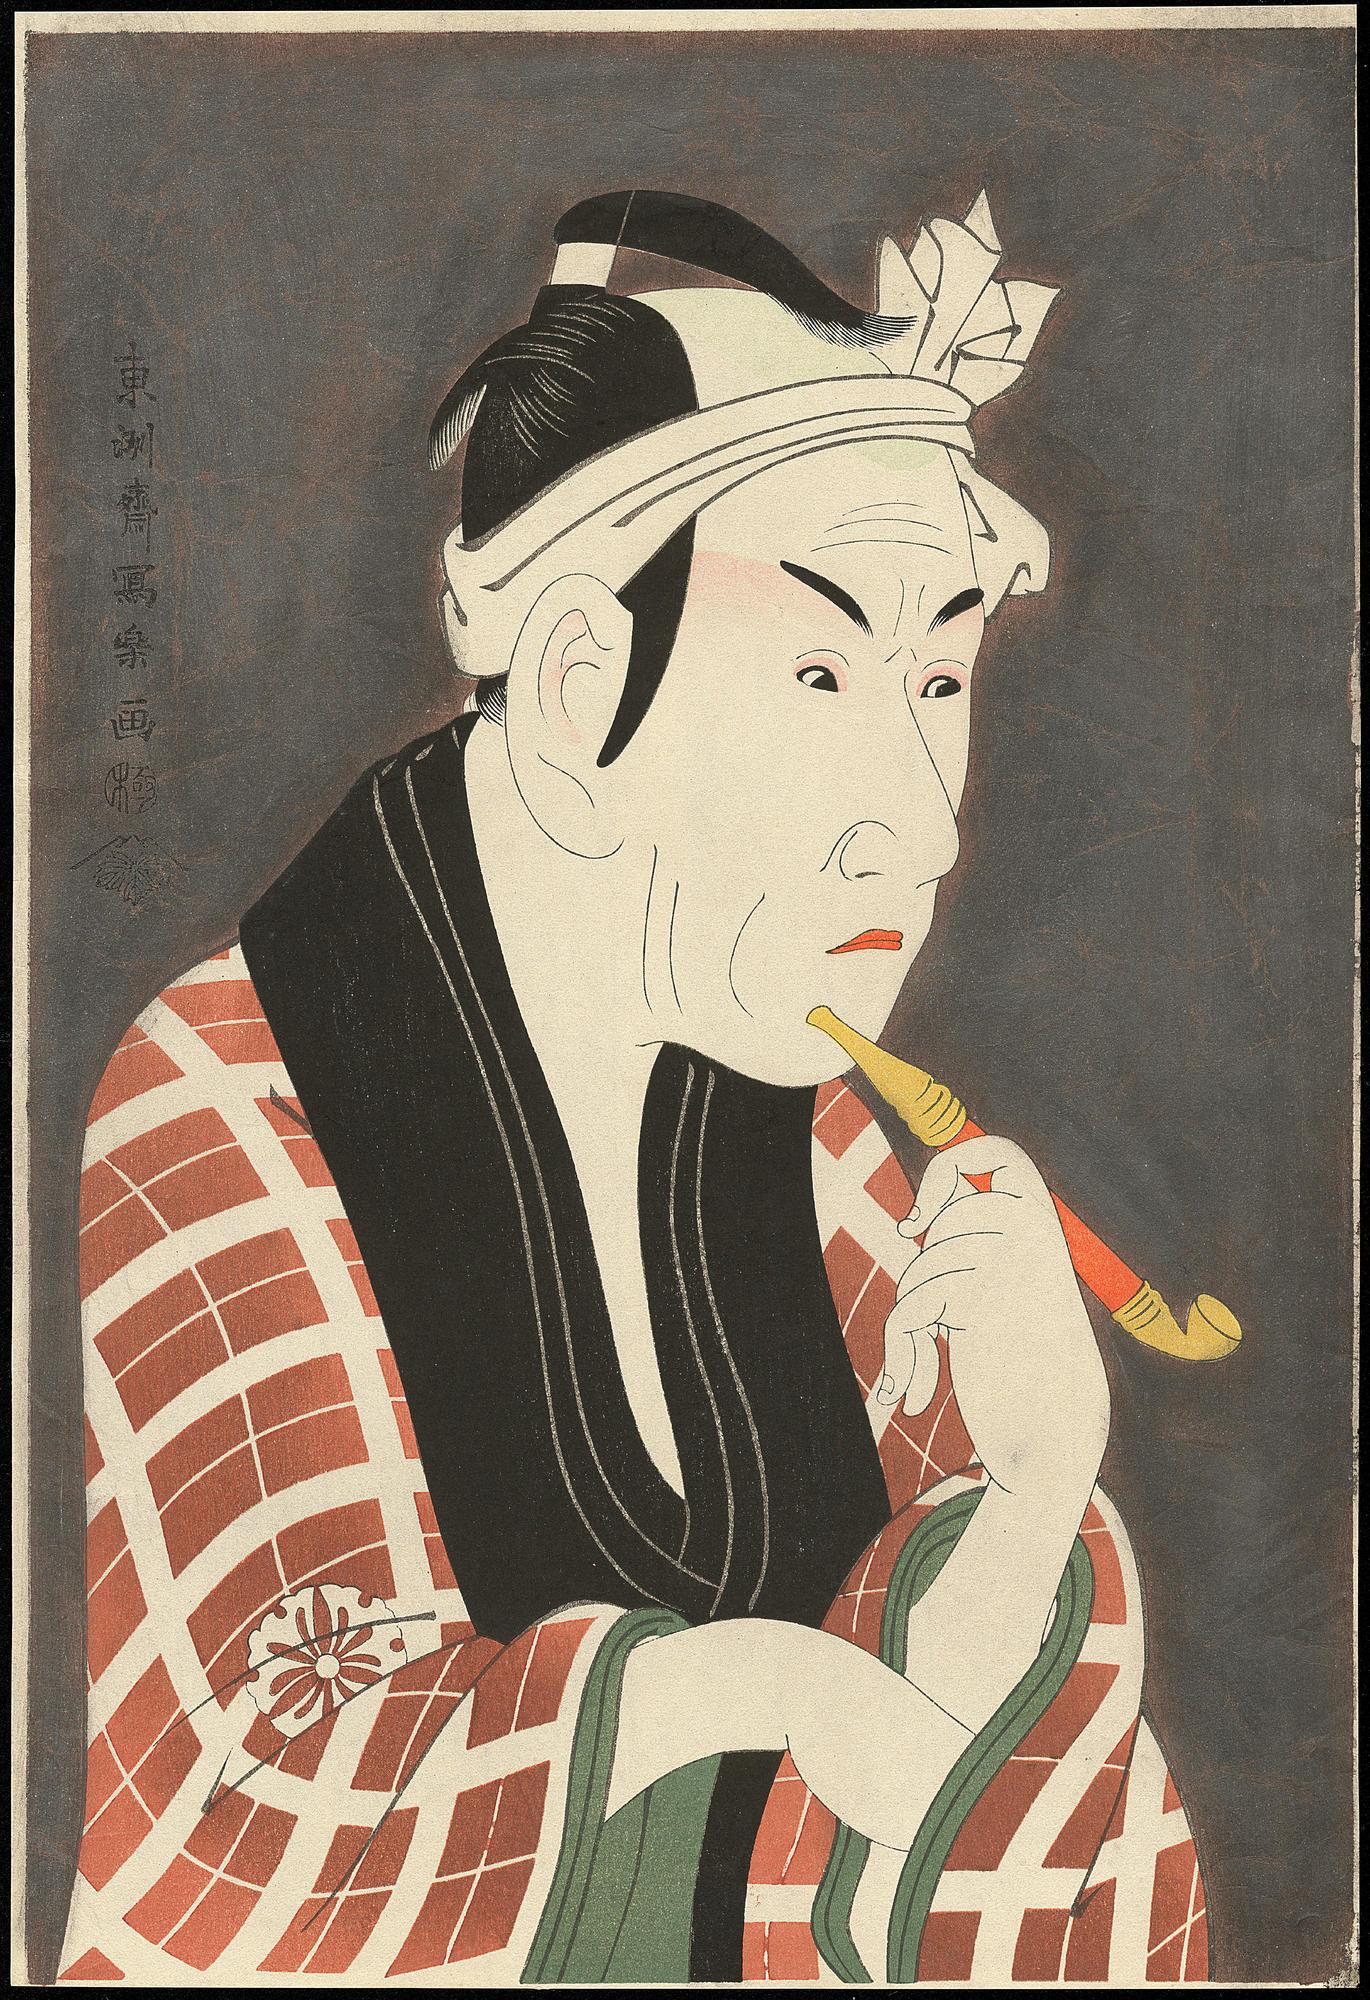 Toshusai Sharaku Koshiro Matsumoto IV as Sakanaya Gorobee 011676 05 16 2012 11676